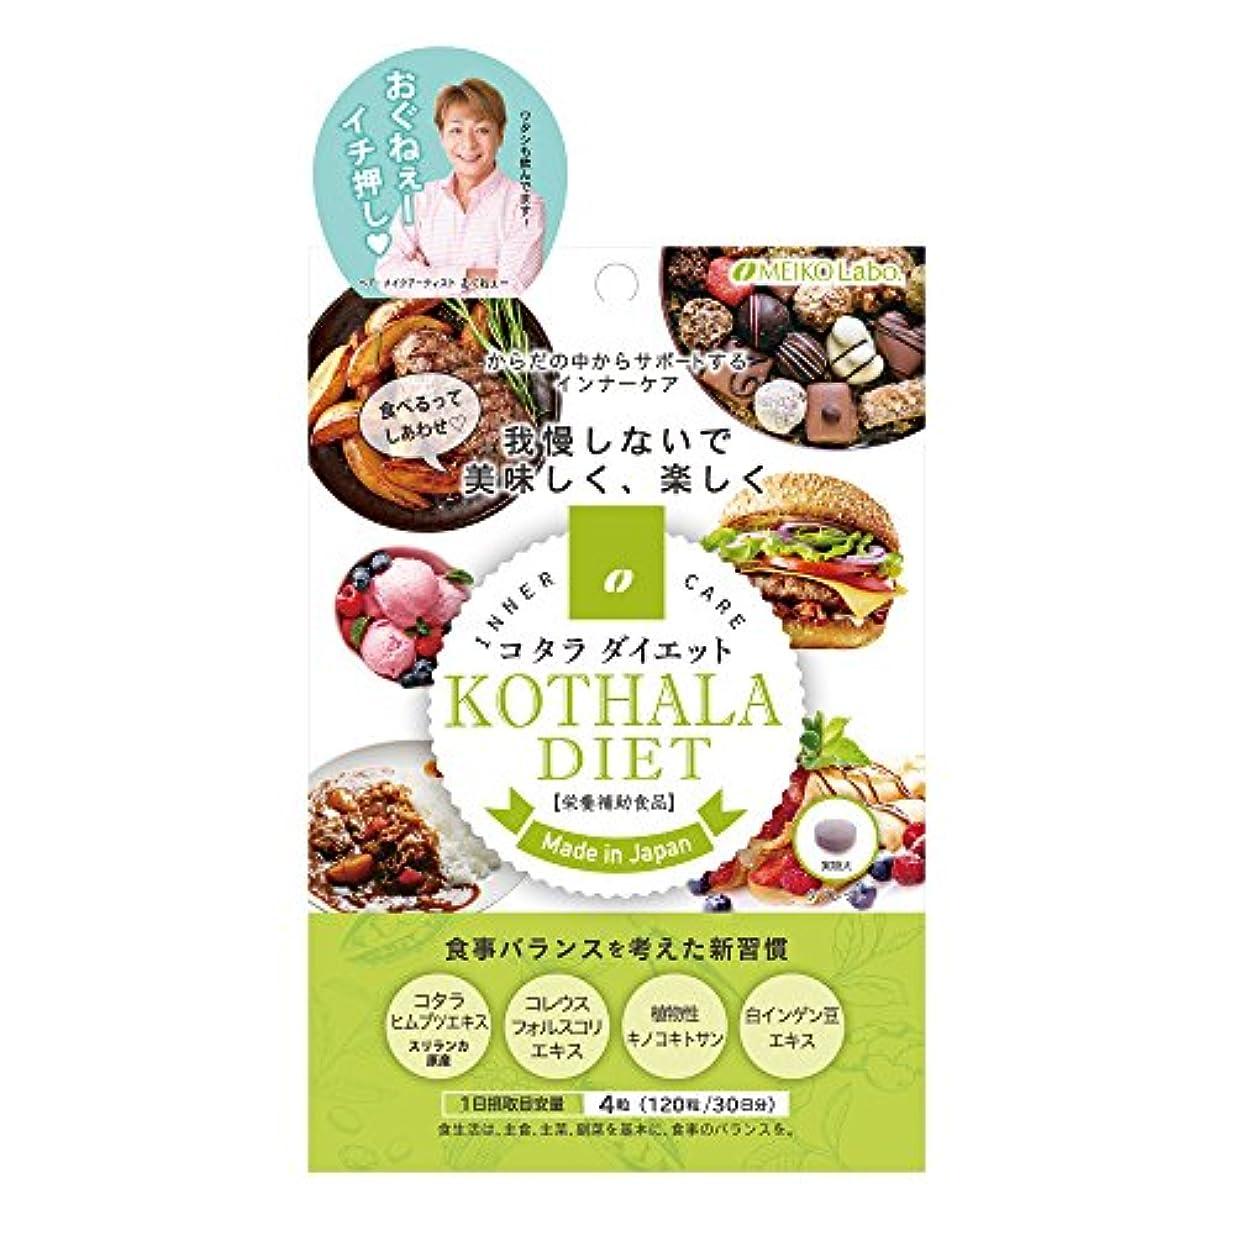 合成シャットワイドダイエット サプリメント コタラダイエット 30日分 120粒 ( 栄養補助食品 日本製 ) 【 メイコーラボ 】